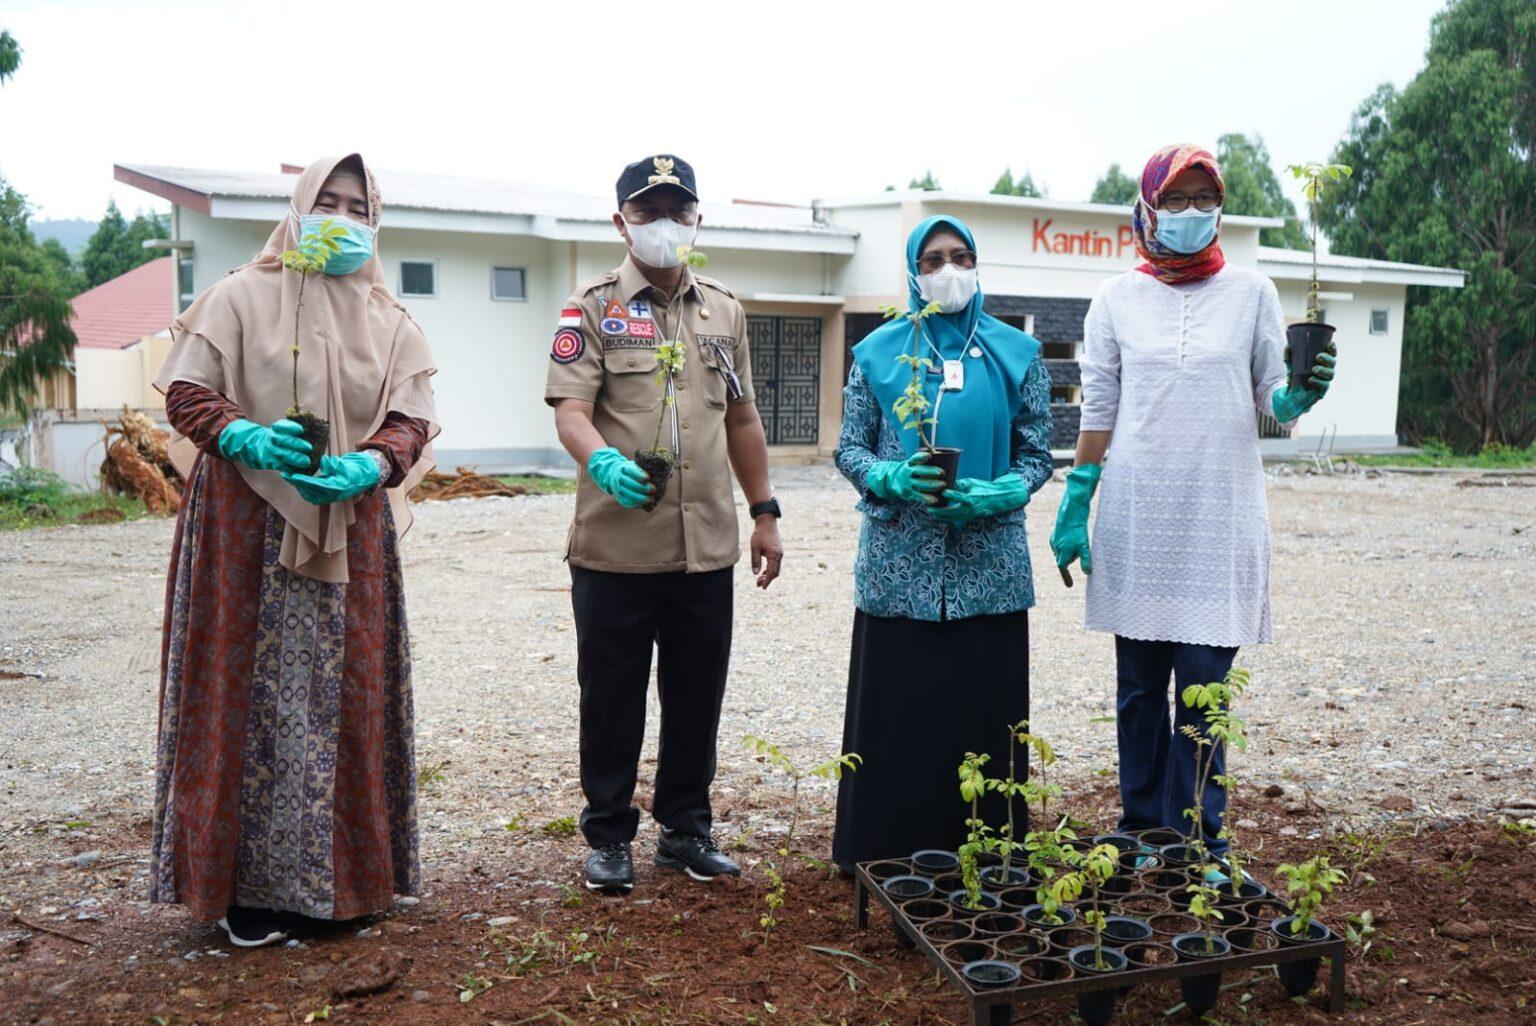 Pantau Progress RTH, Bupati Budiman Tanam Pohon di Halaman Kantin PKK